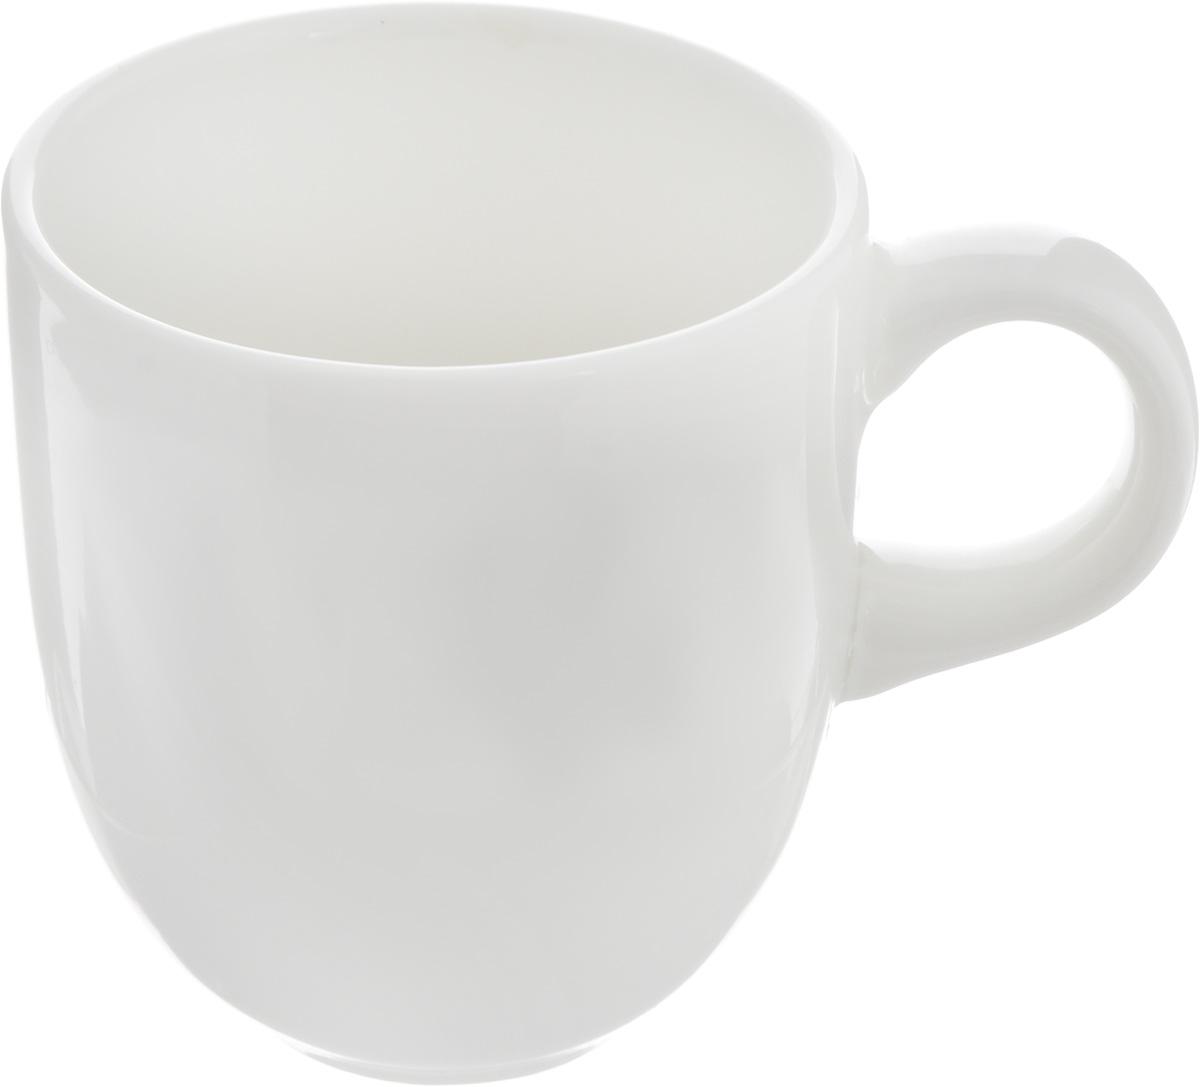 Чашка кофейная Ariane Коуп, 90 млAVCARN44009Кофейная чашка Ariane Коуп изготовлена из высококачественного фарфора с глазурованным покрытием. Приятный глазу дизайн и отменное качество чашки будут долго радовать вас. Чашка Ariane Коуп украсит сервировку вашего стола и подчеркнет прекрасный вкус хозяина. Можно мыть в посудомоечной машине и использовать в микроволновой печи. Диаметр чашки (по верхнему краю): 5,5 см. Высота соусника: 6,5 см.